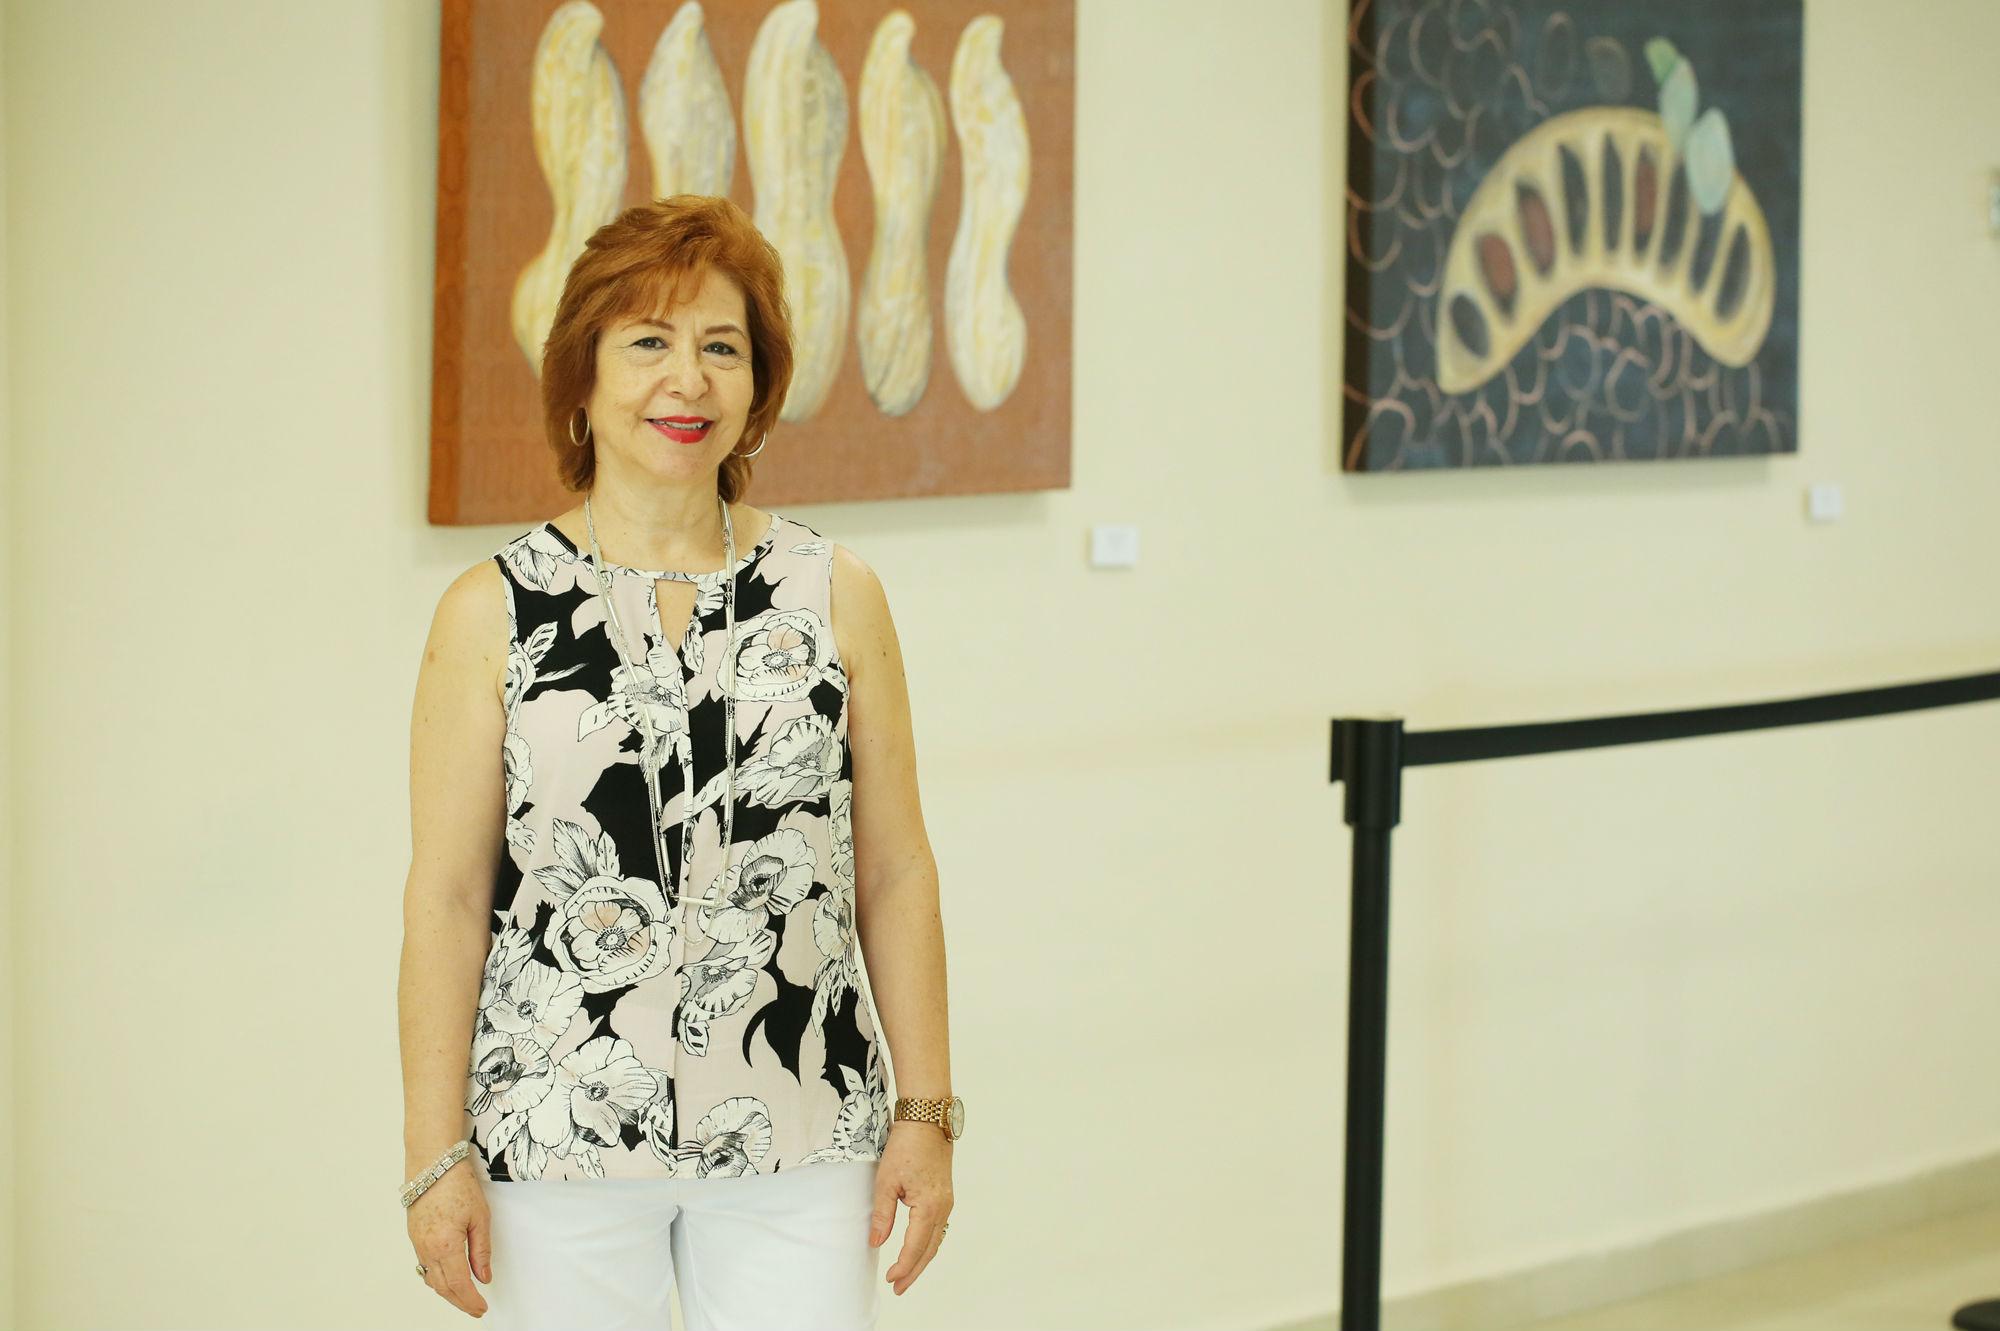 Celia Margarita Treviño